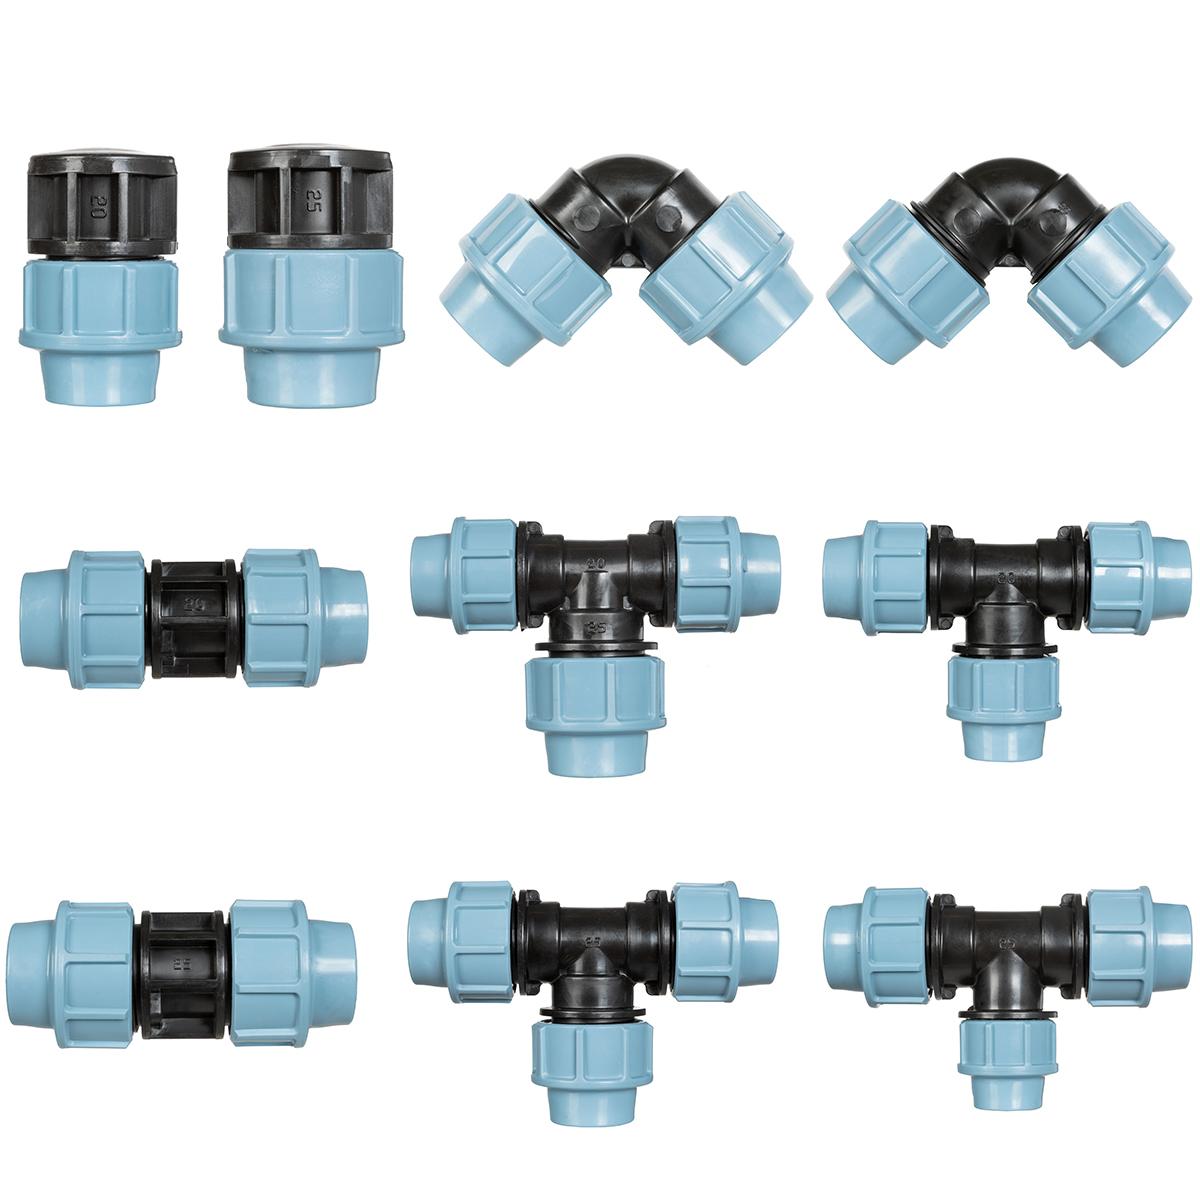 Zubehör für Tropfschlauch Perlschlauch Verlegerohr Verbinder Winkel T-Stück